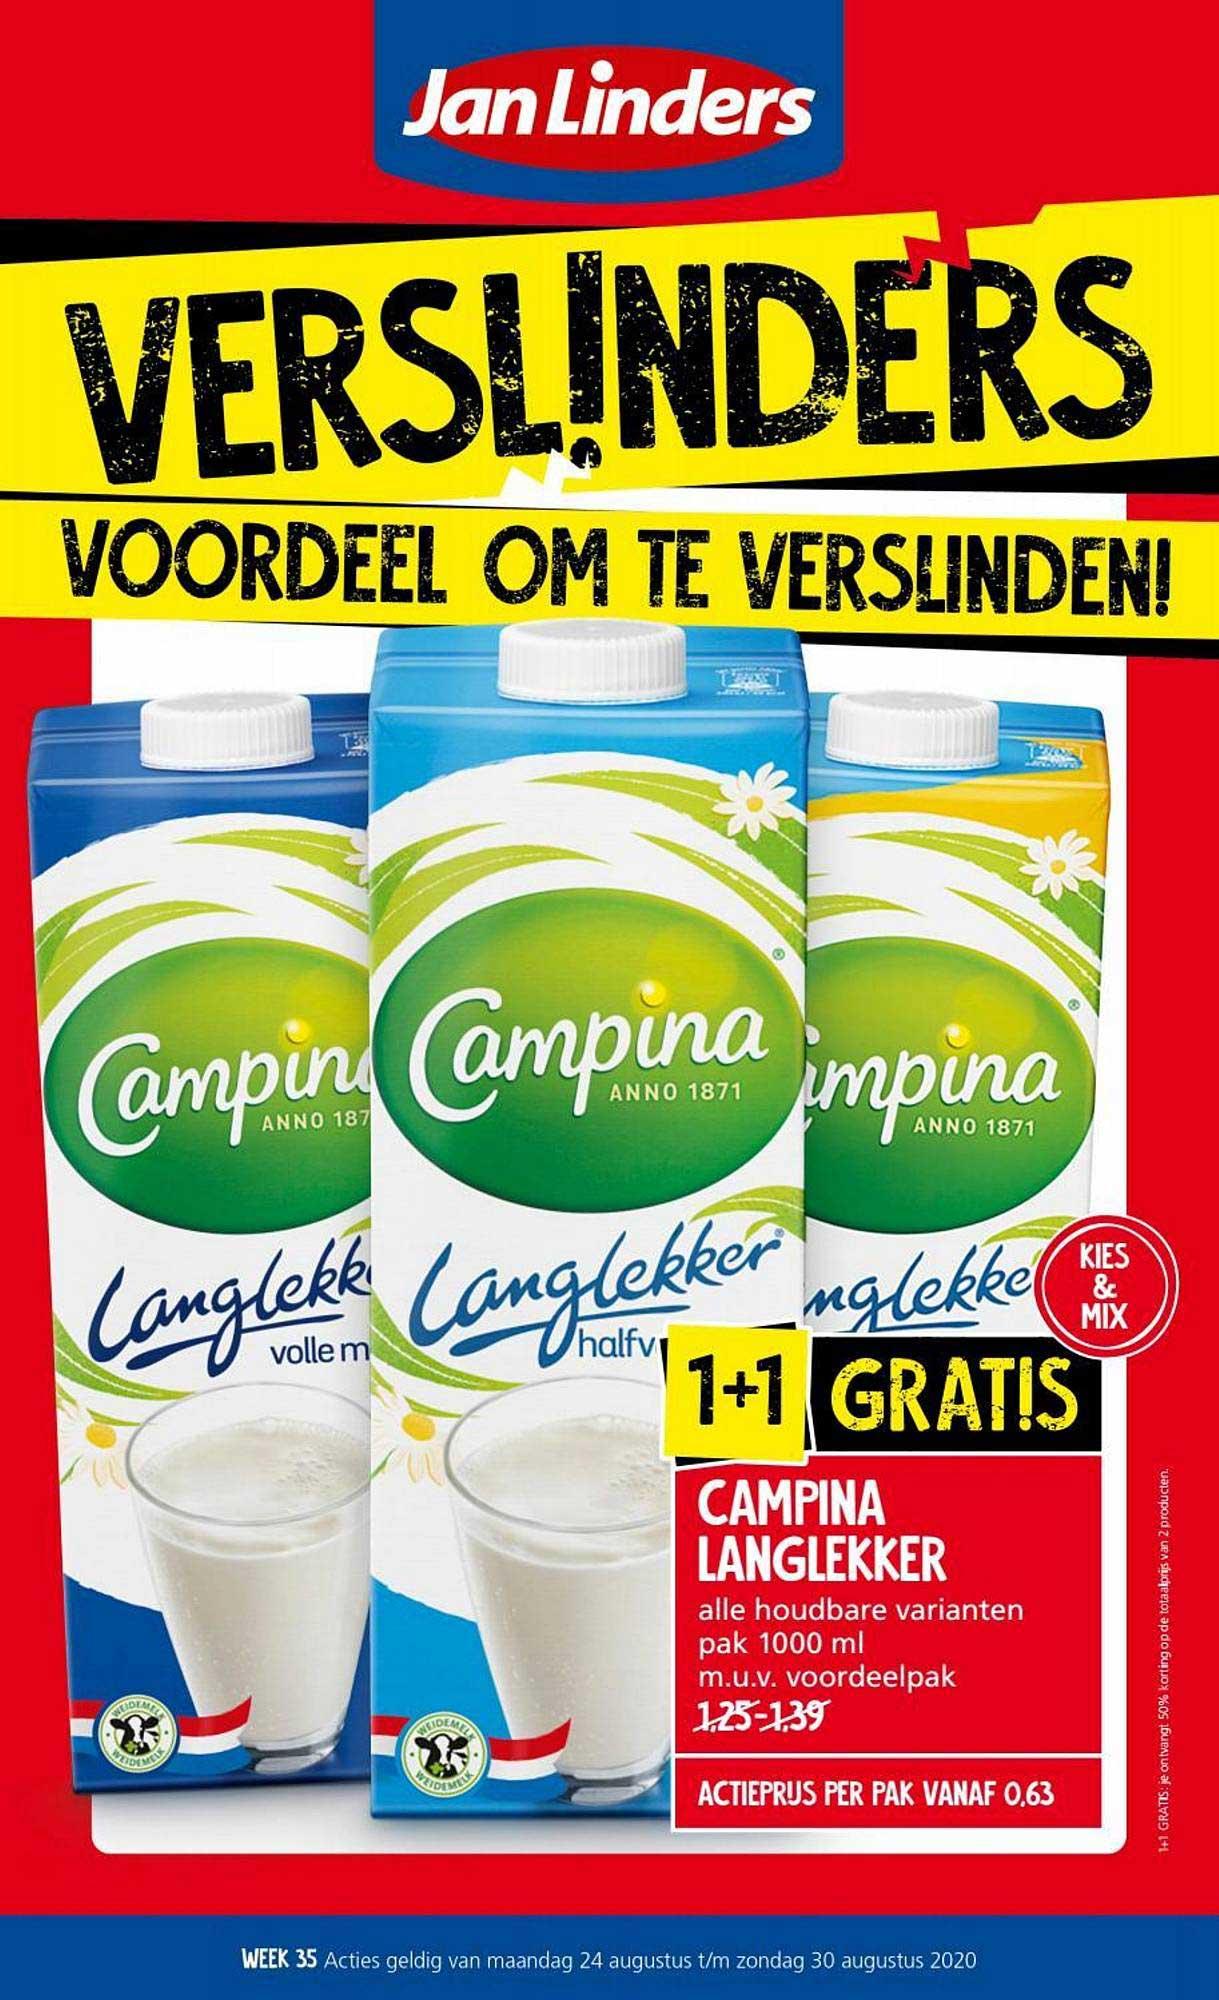 Jan Linders Campina Langlekker 1+1 Gratis